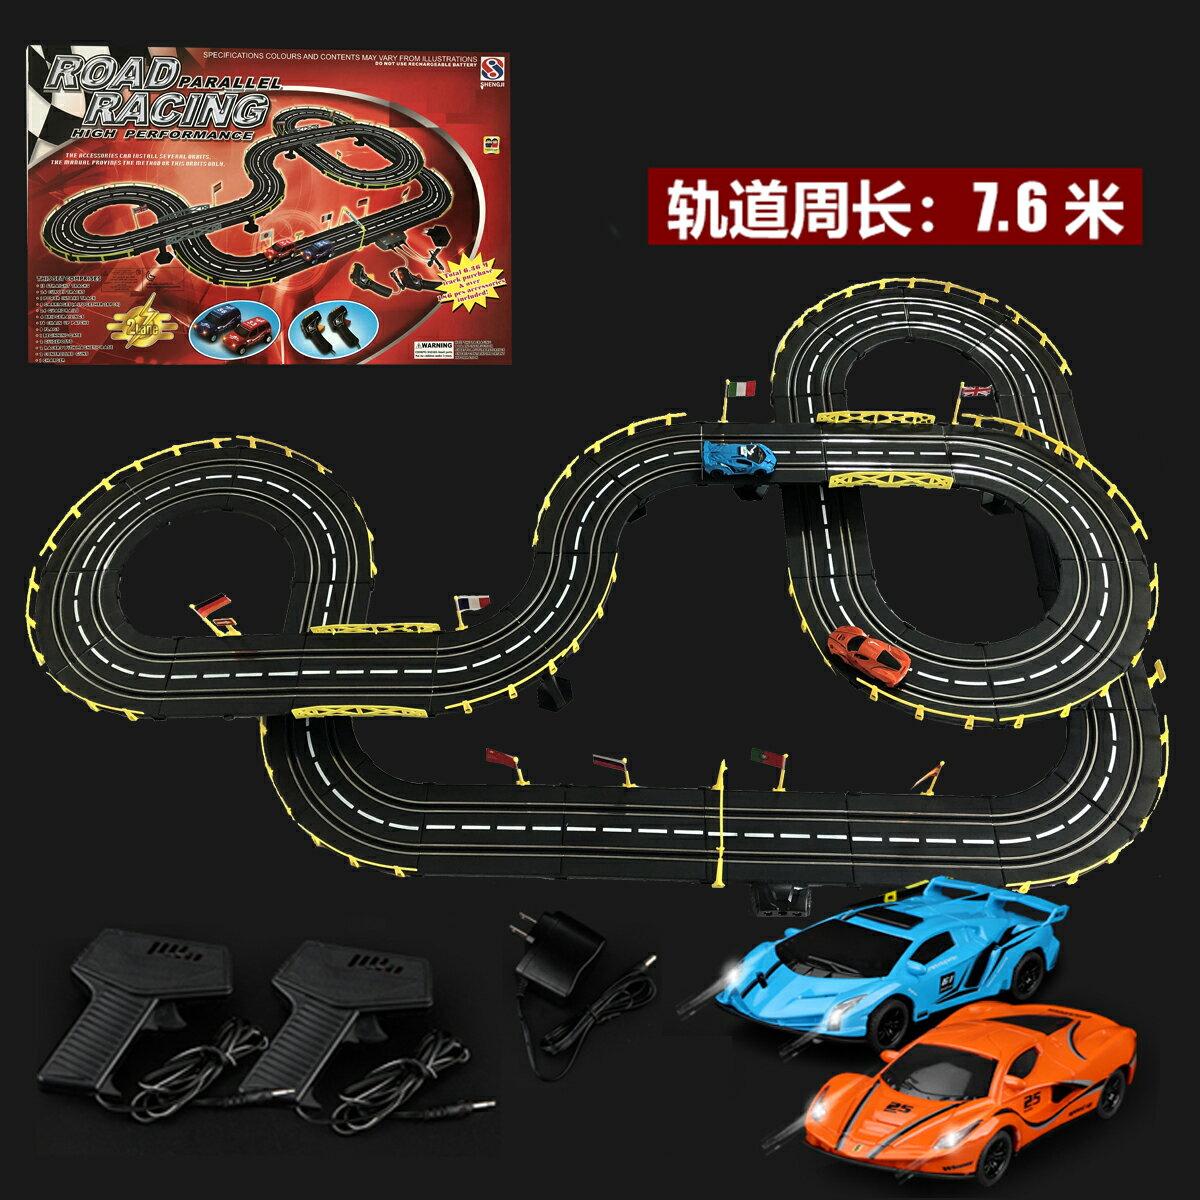 軌道車玩具車 路軌道賽車玩具車電動遙控雙人賽道3-4-6-7-8-9歲兒童男孩小火車『CM397030』